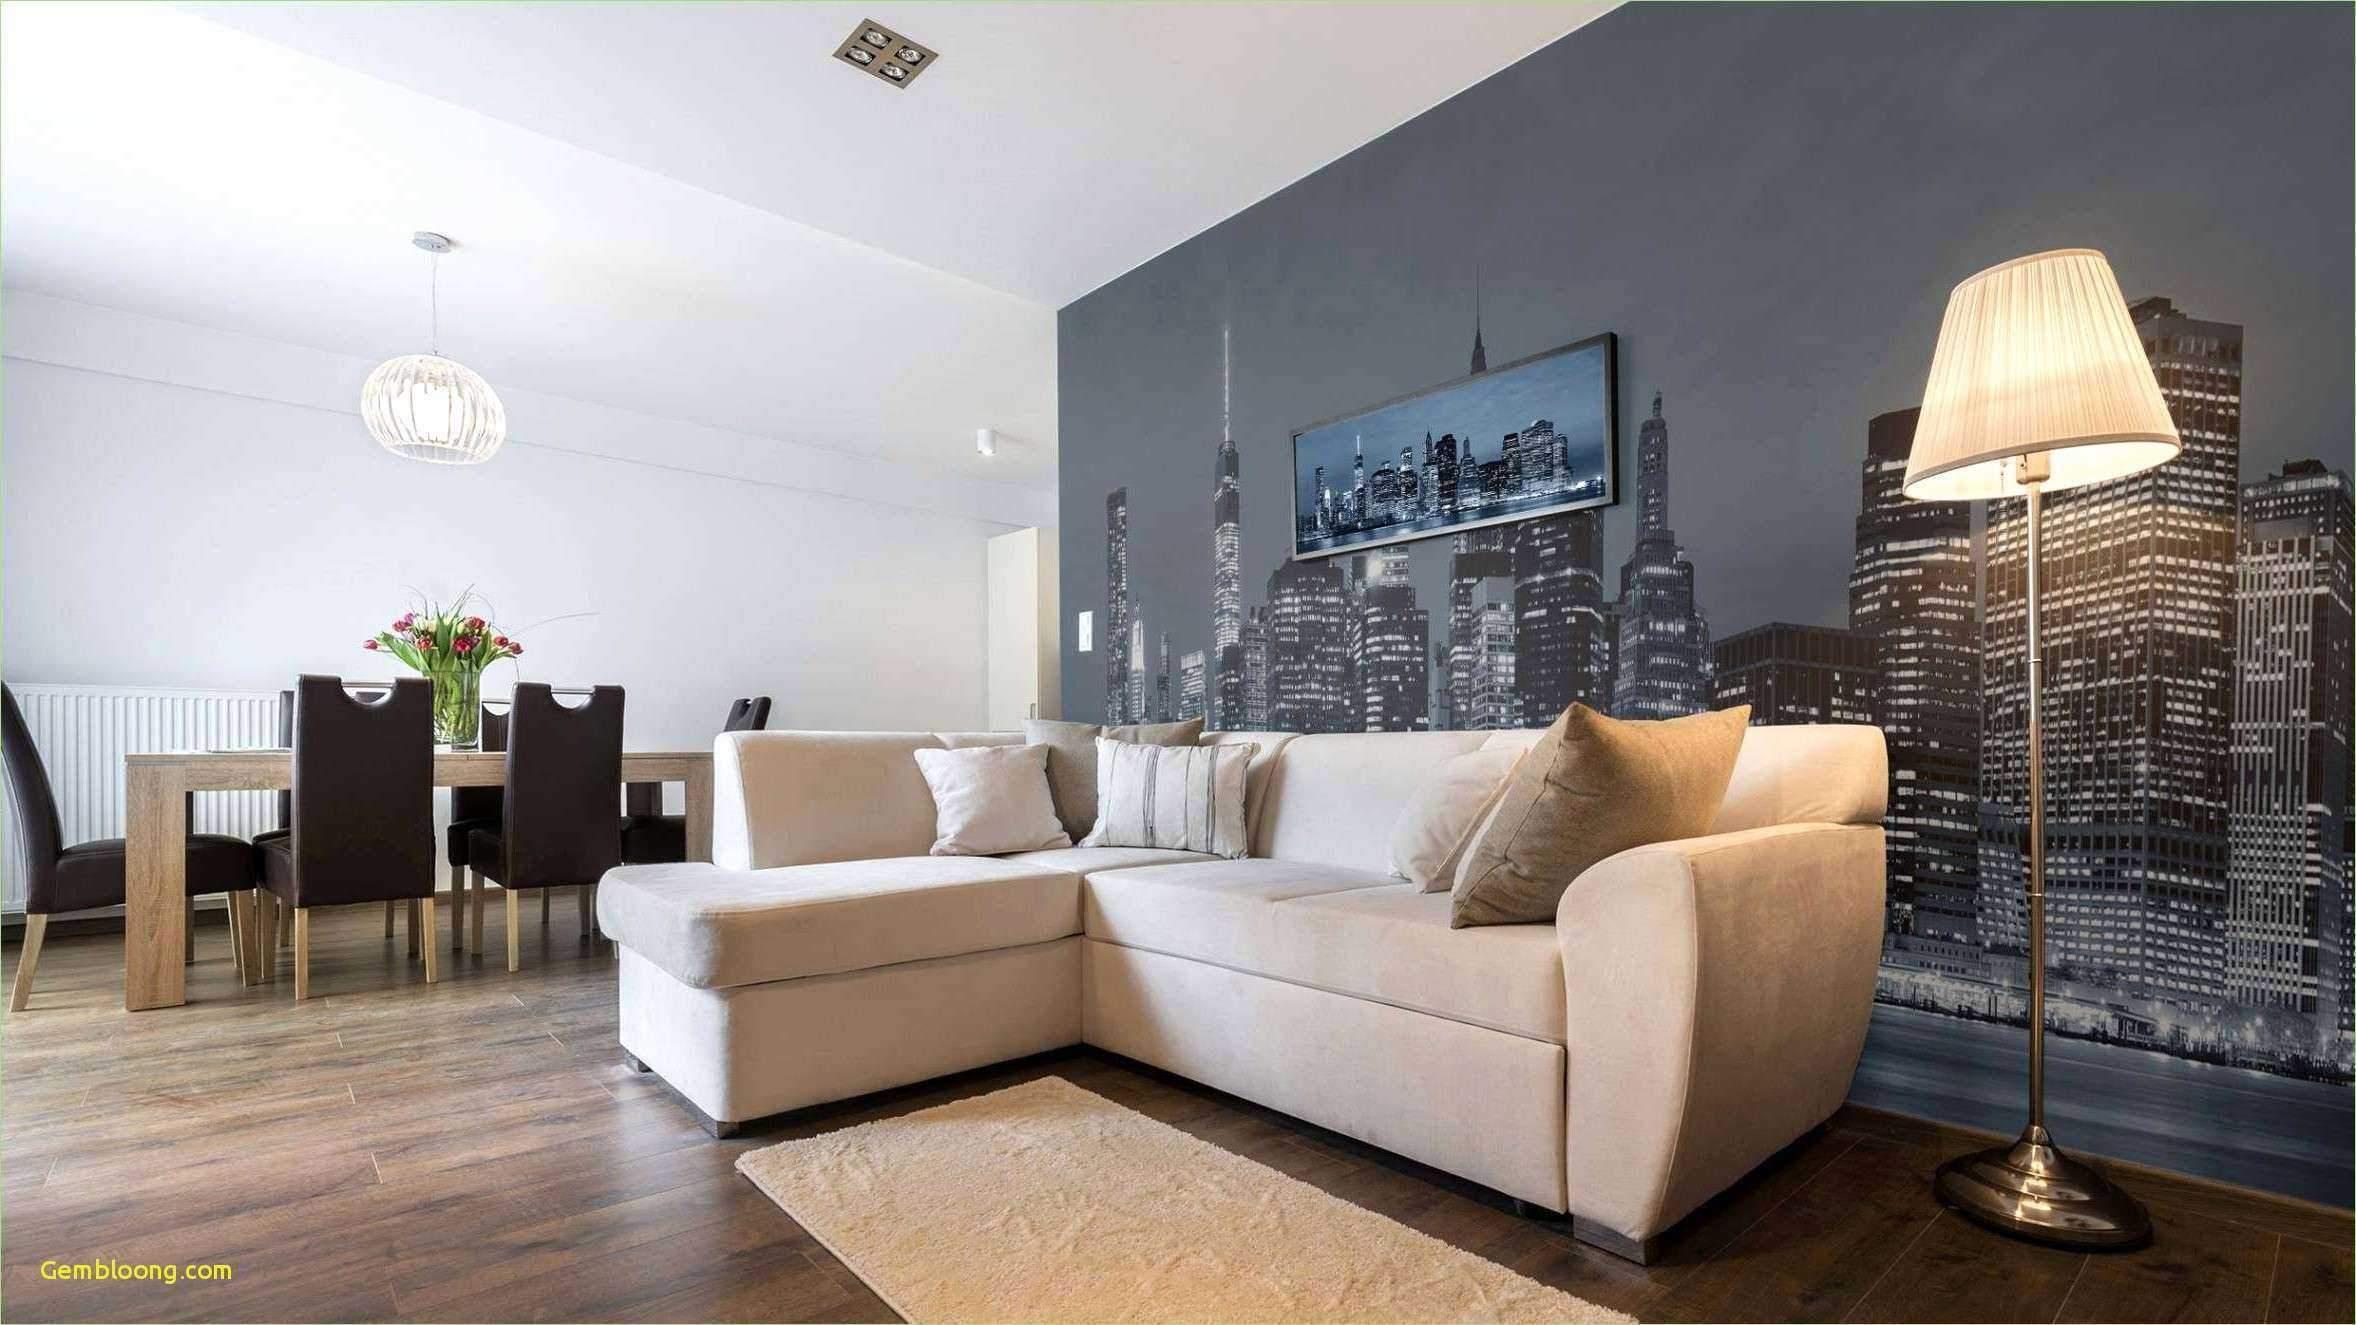 beste musikanlage wohnzimmer schon 34 frisch beste musikanlage wohnzimmer elegant of beste musikanlage wohnzimmer